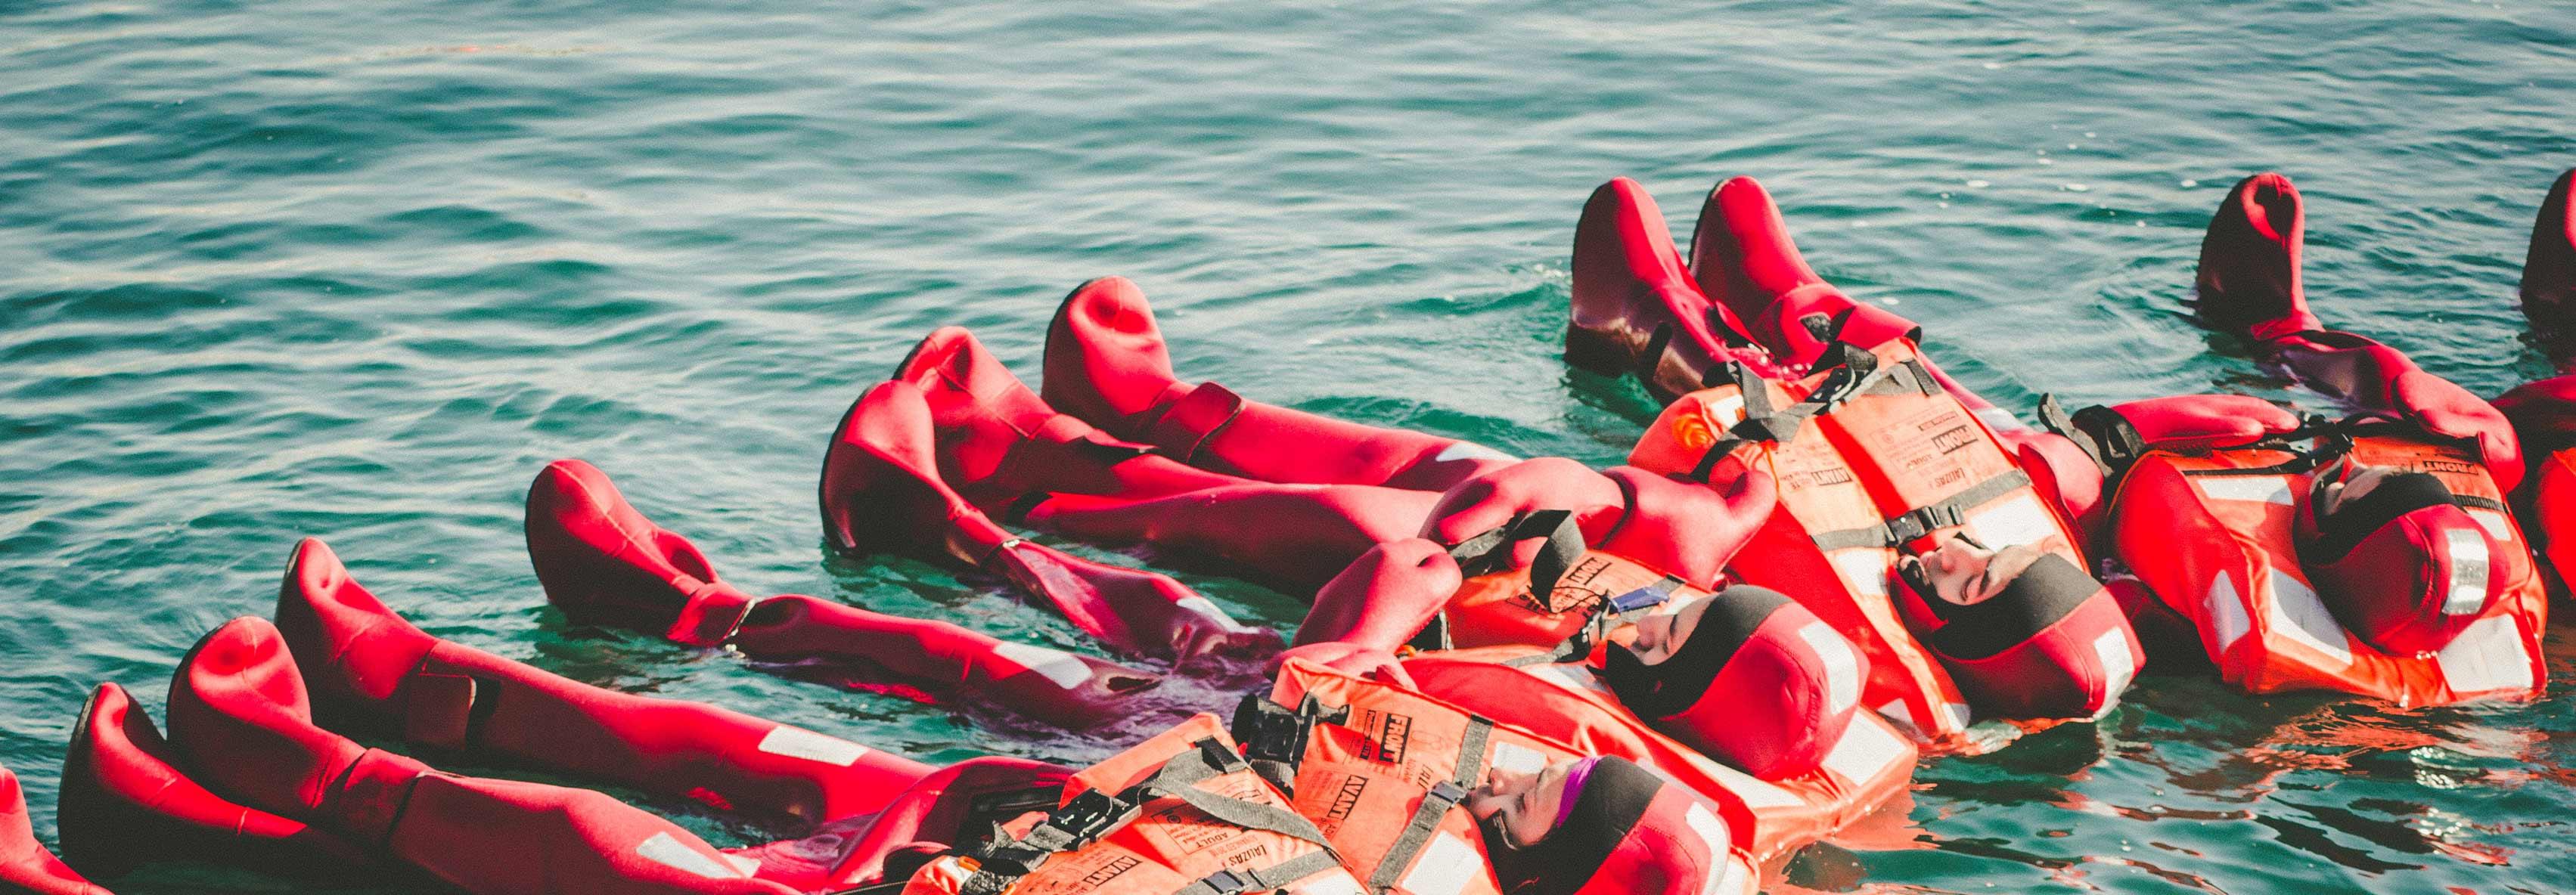 formación básica en seguridad marítima